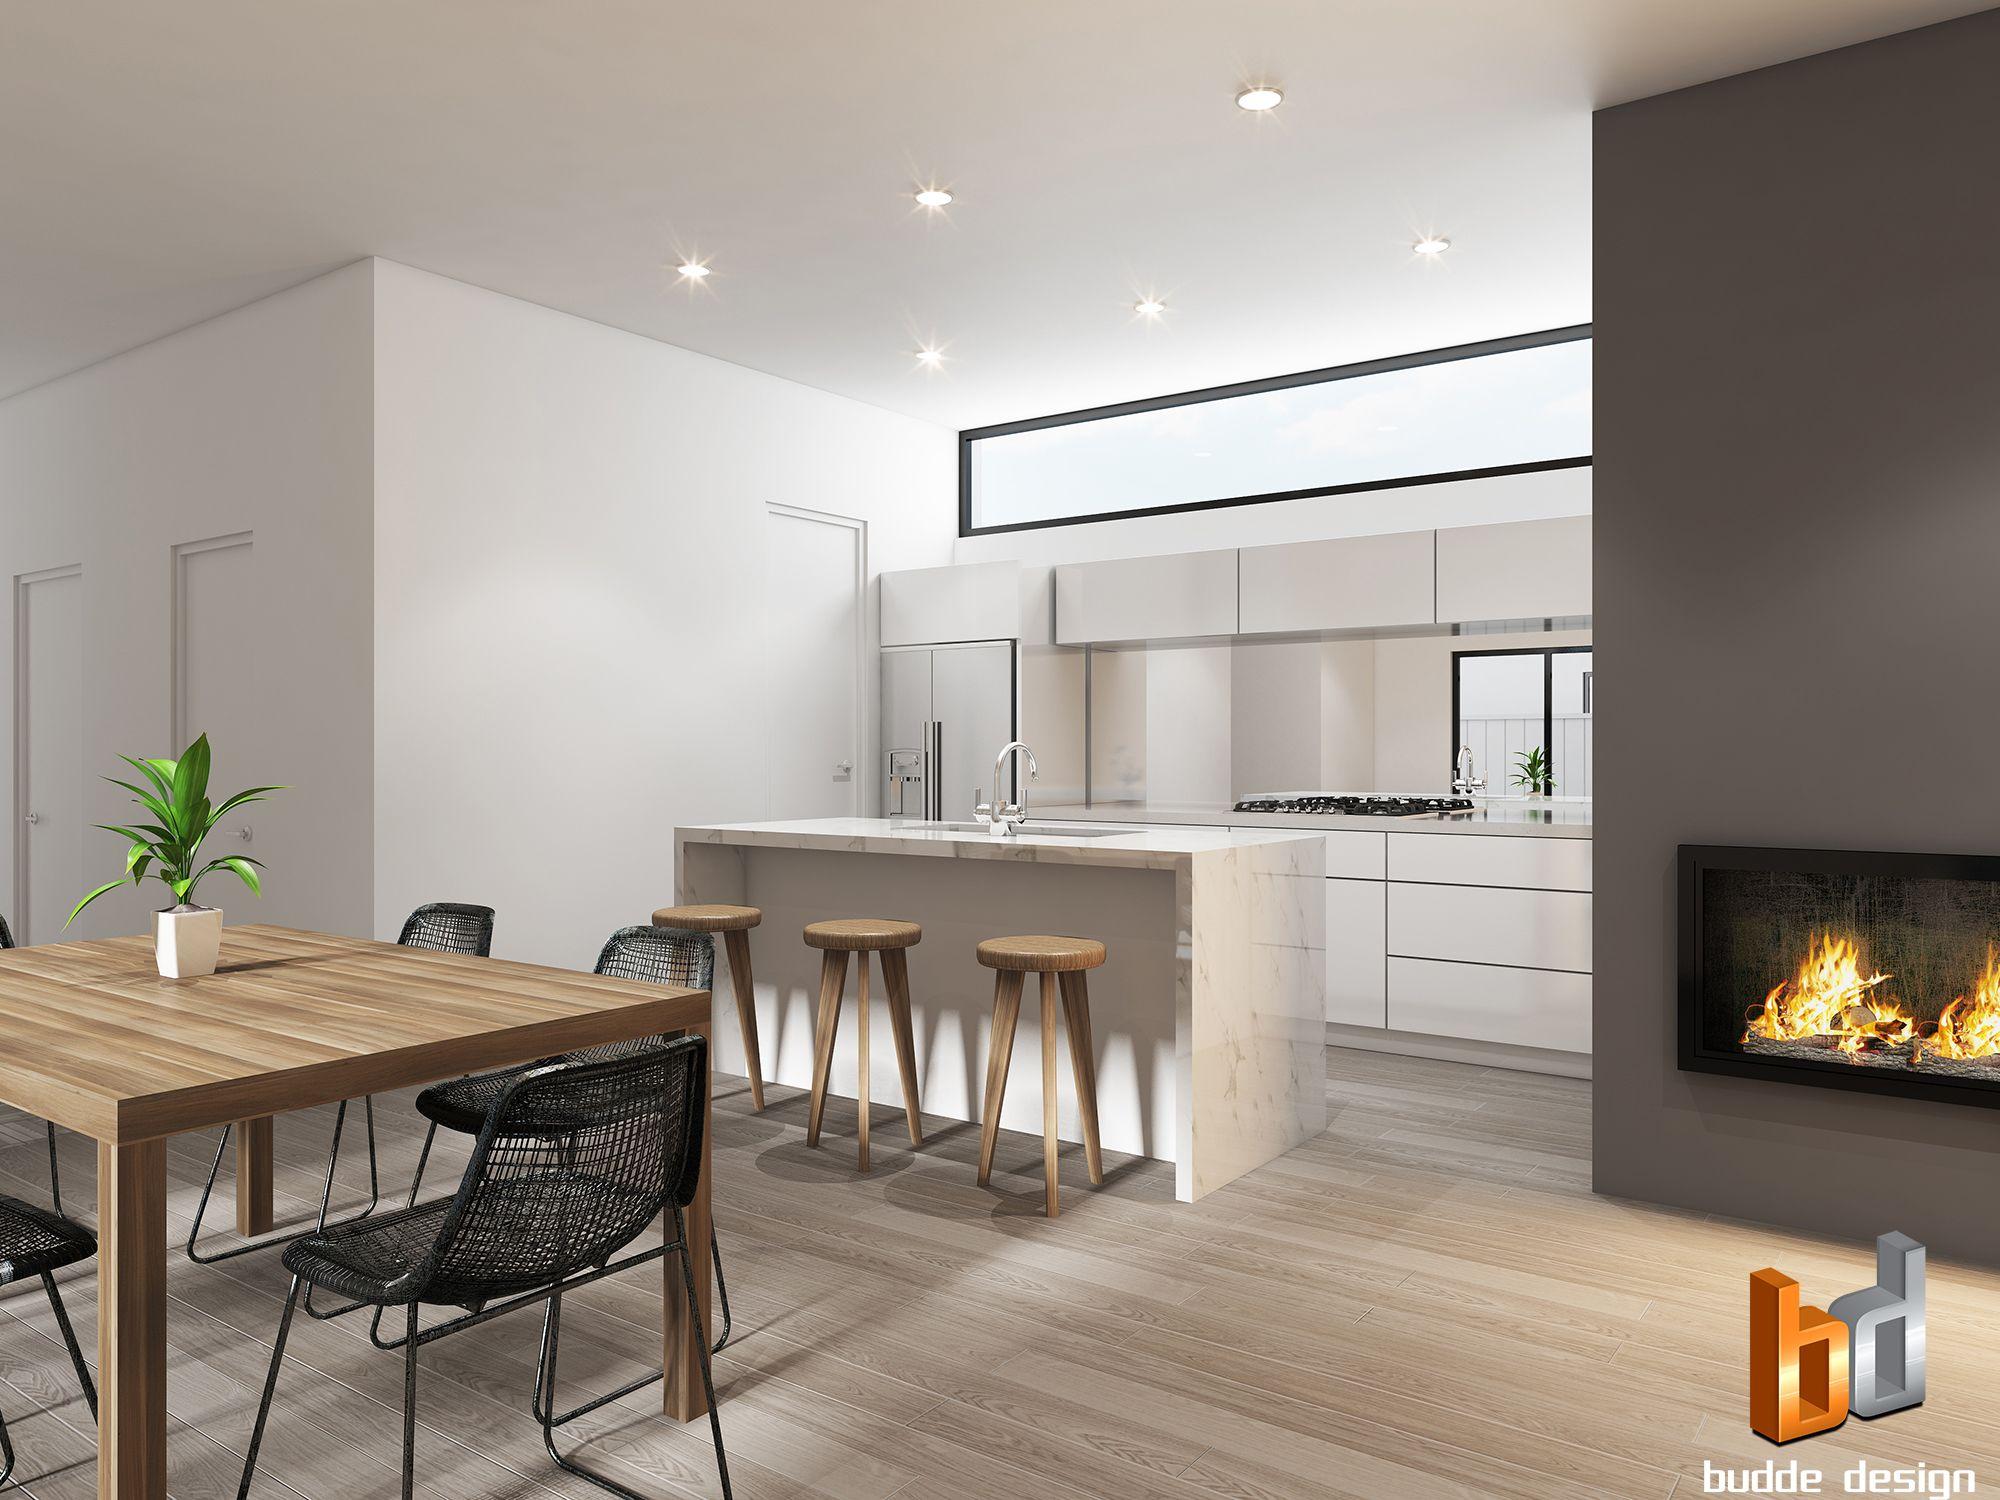 Superior 3D Internal Kitchen / Living Room Render